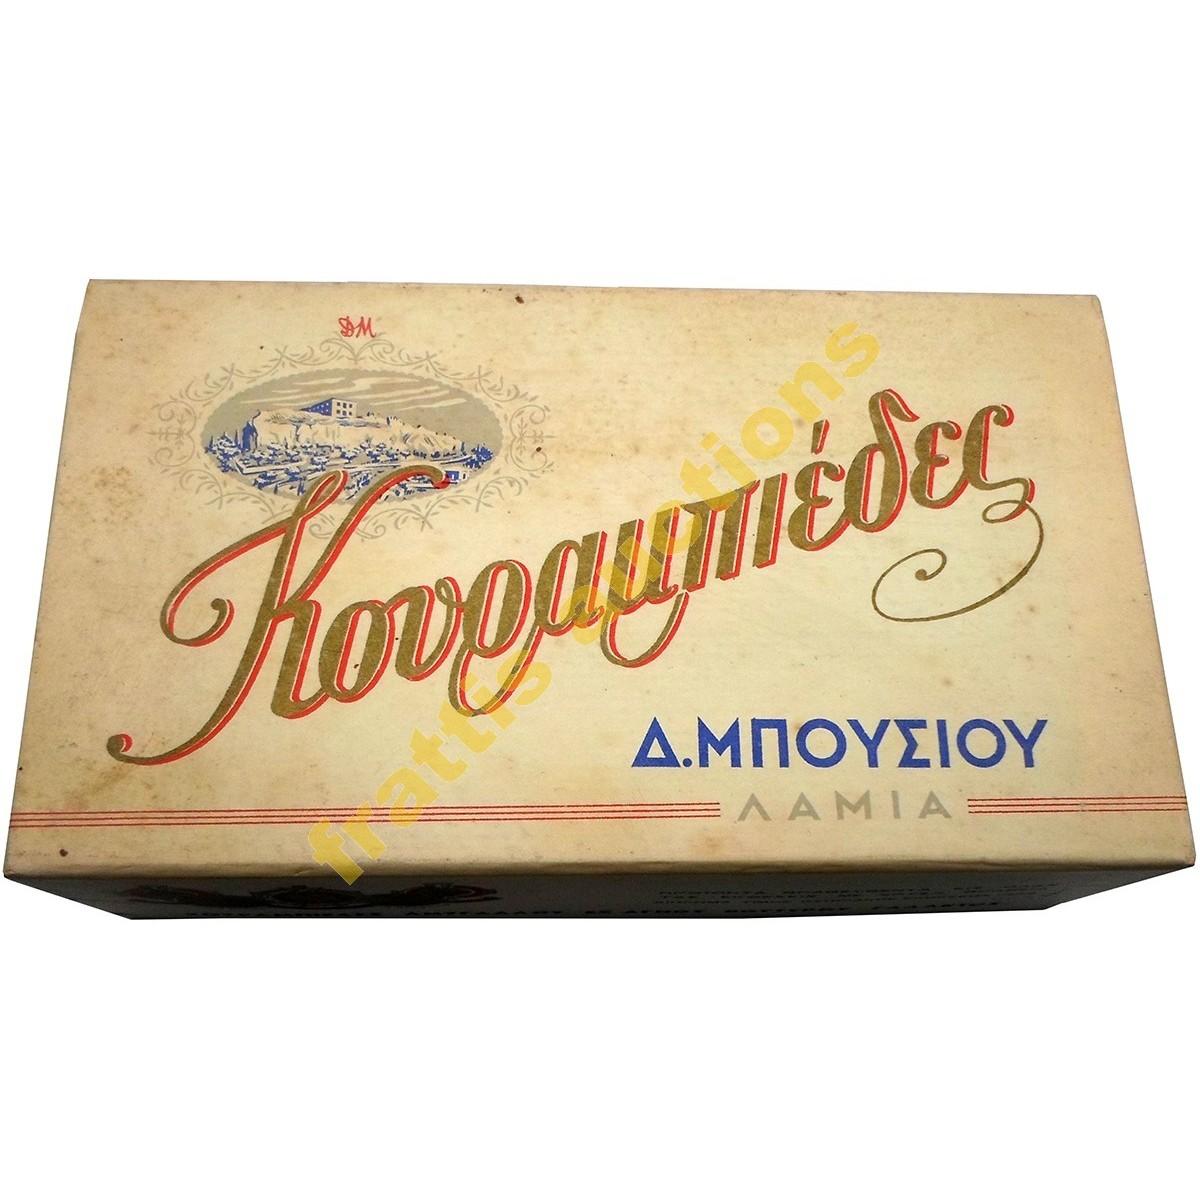 Κουραμπιέδες Μπούσιου, Λαμία, χάρτινο κουτί.